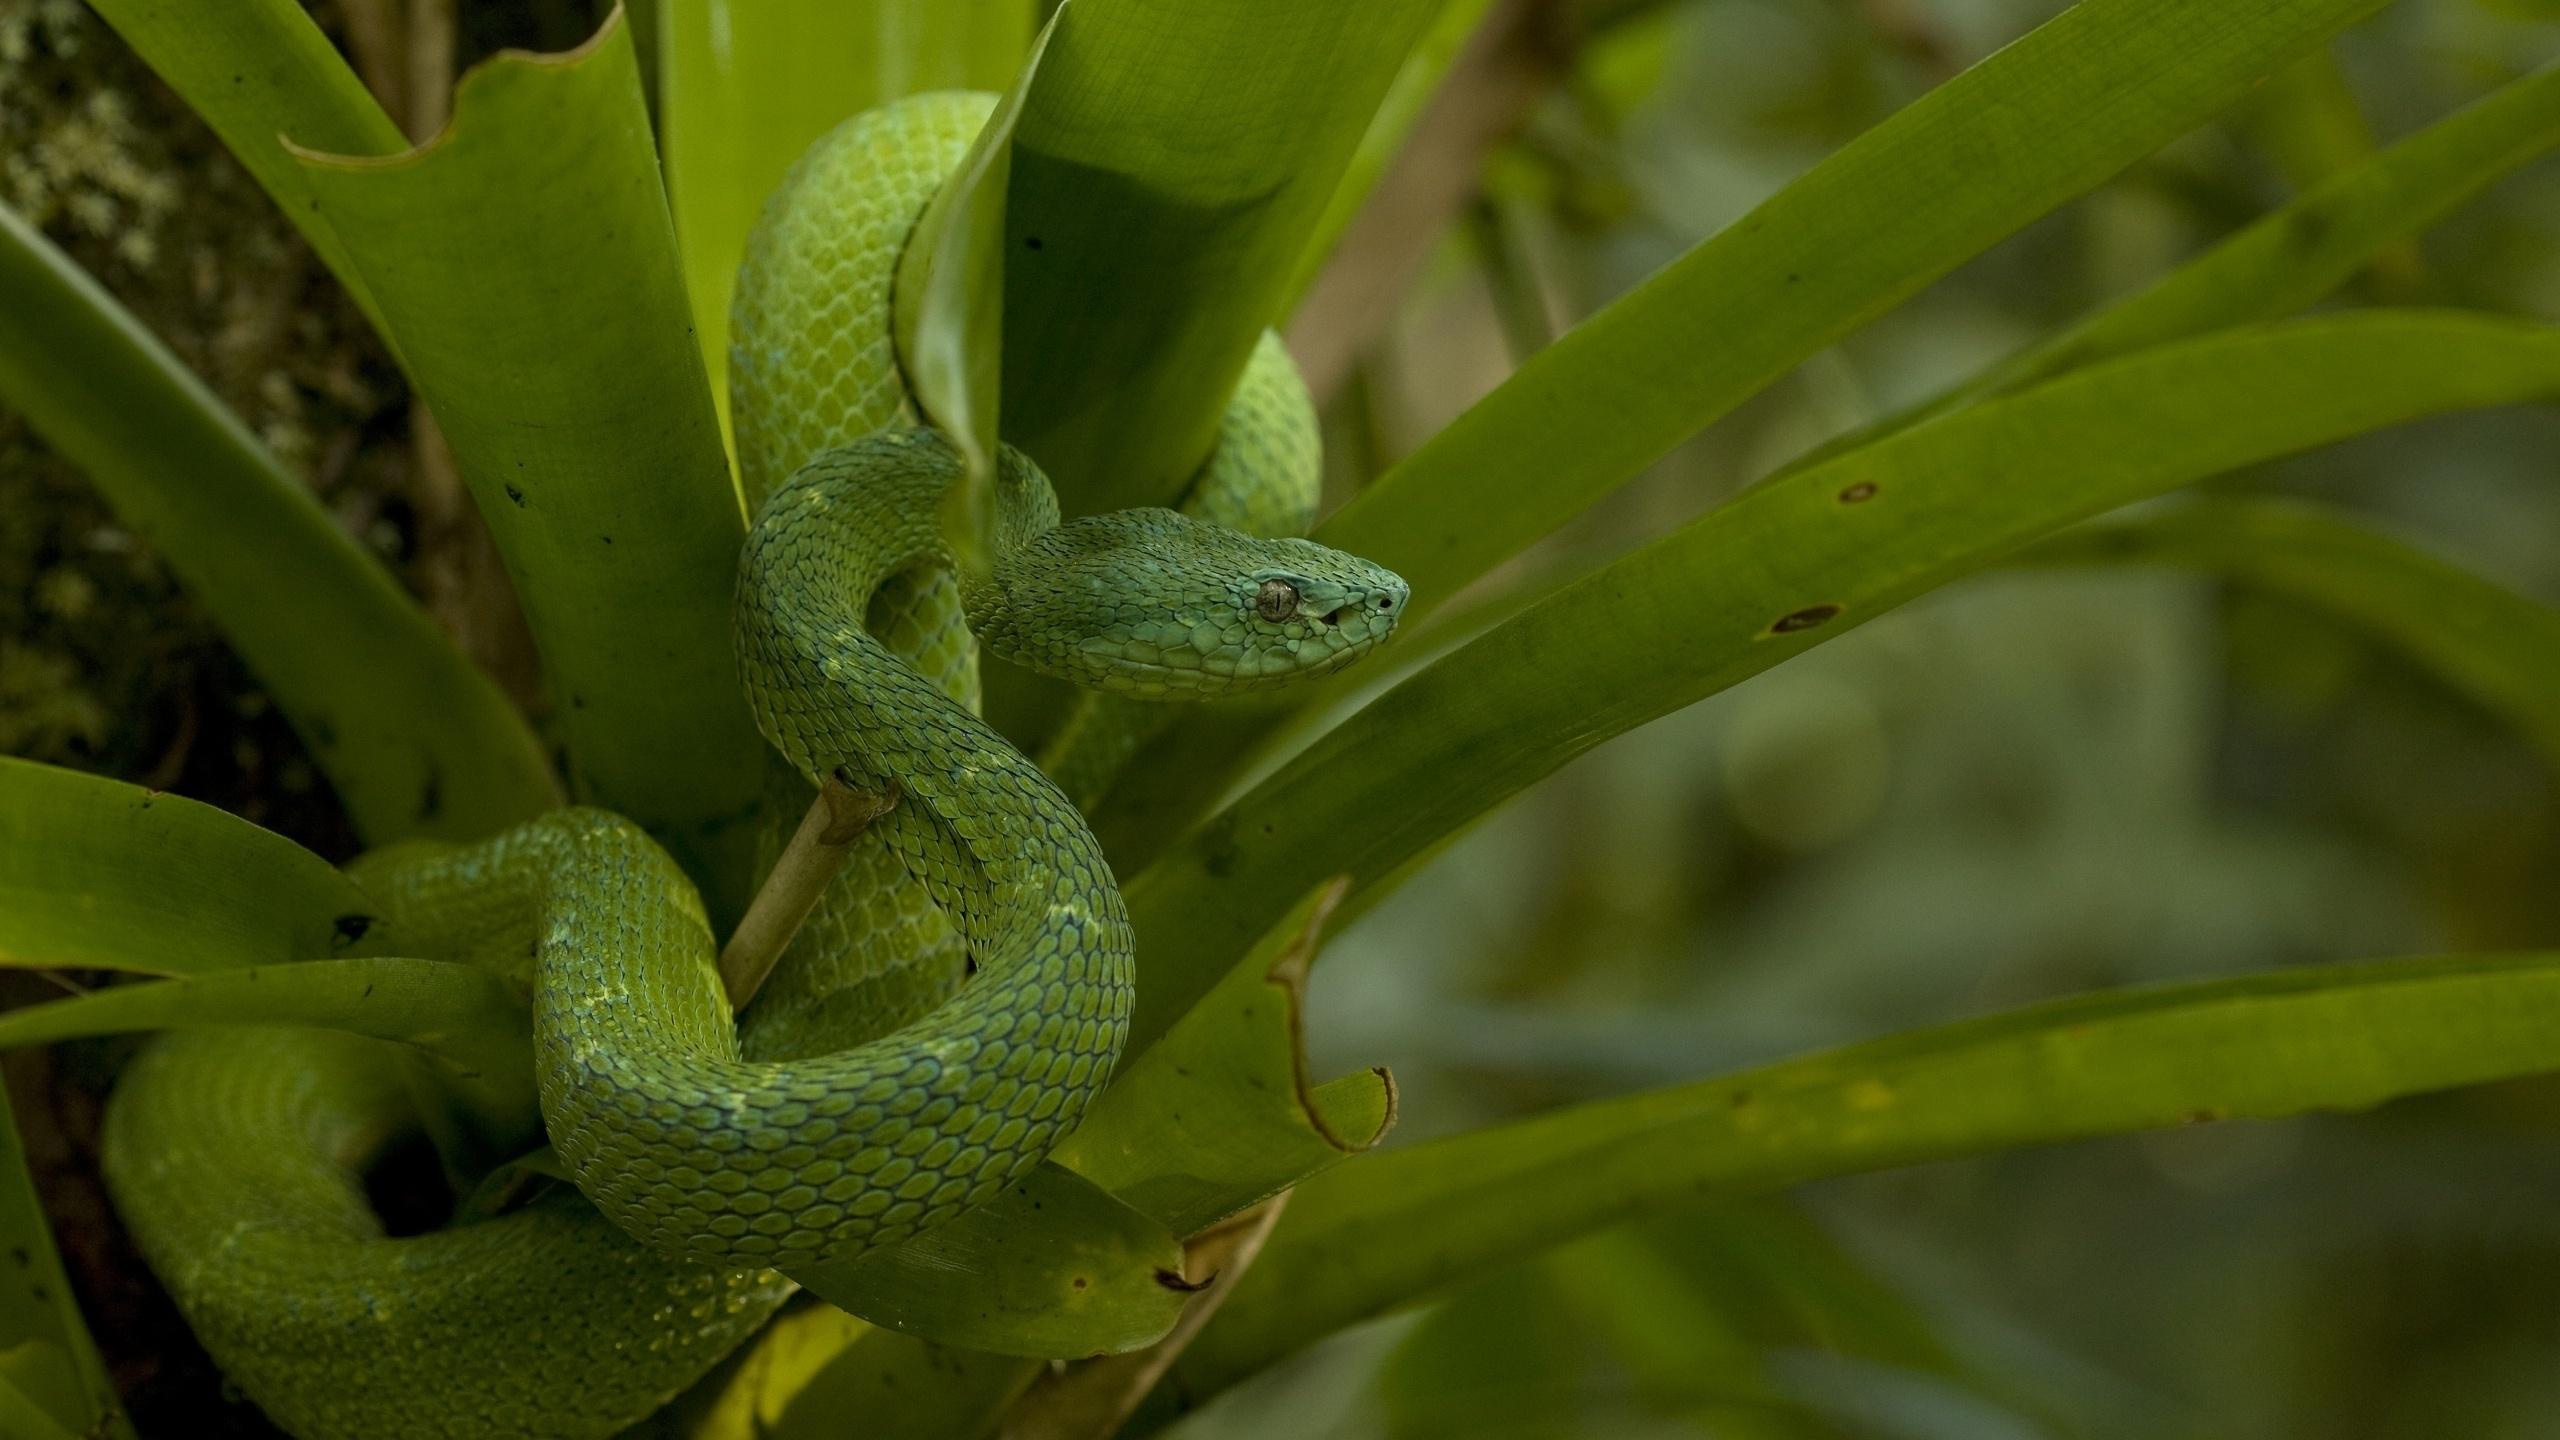 змея, зеленая, глаза